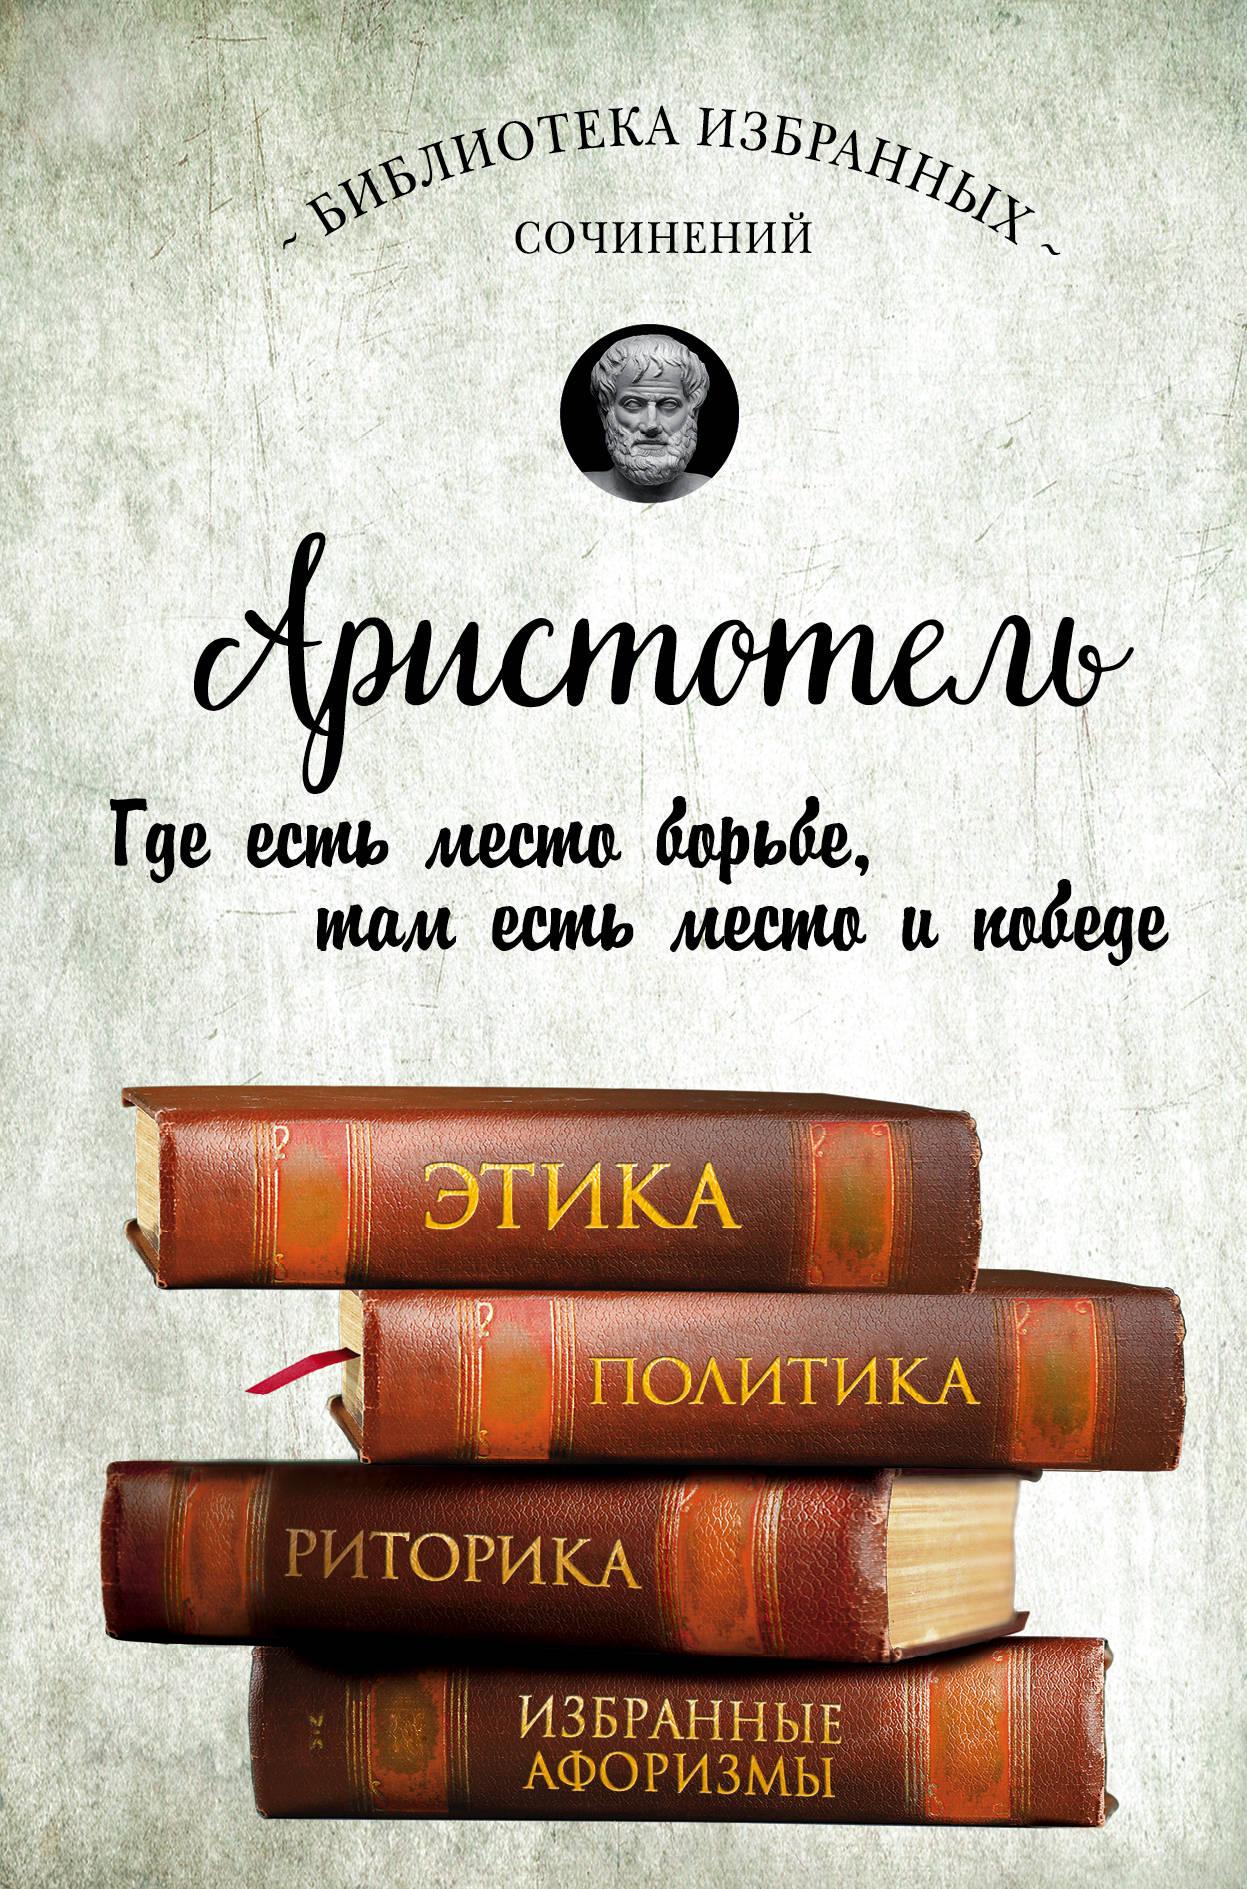 Аристотель. Этика, политика, риторика, афоризм